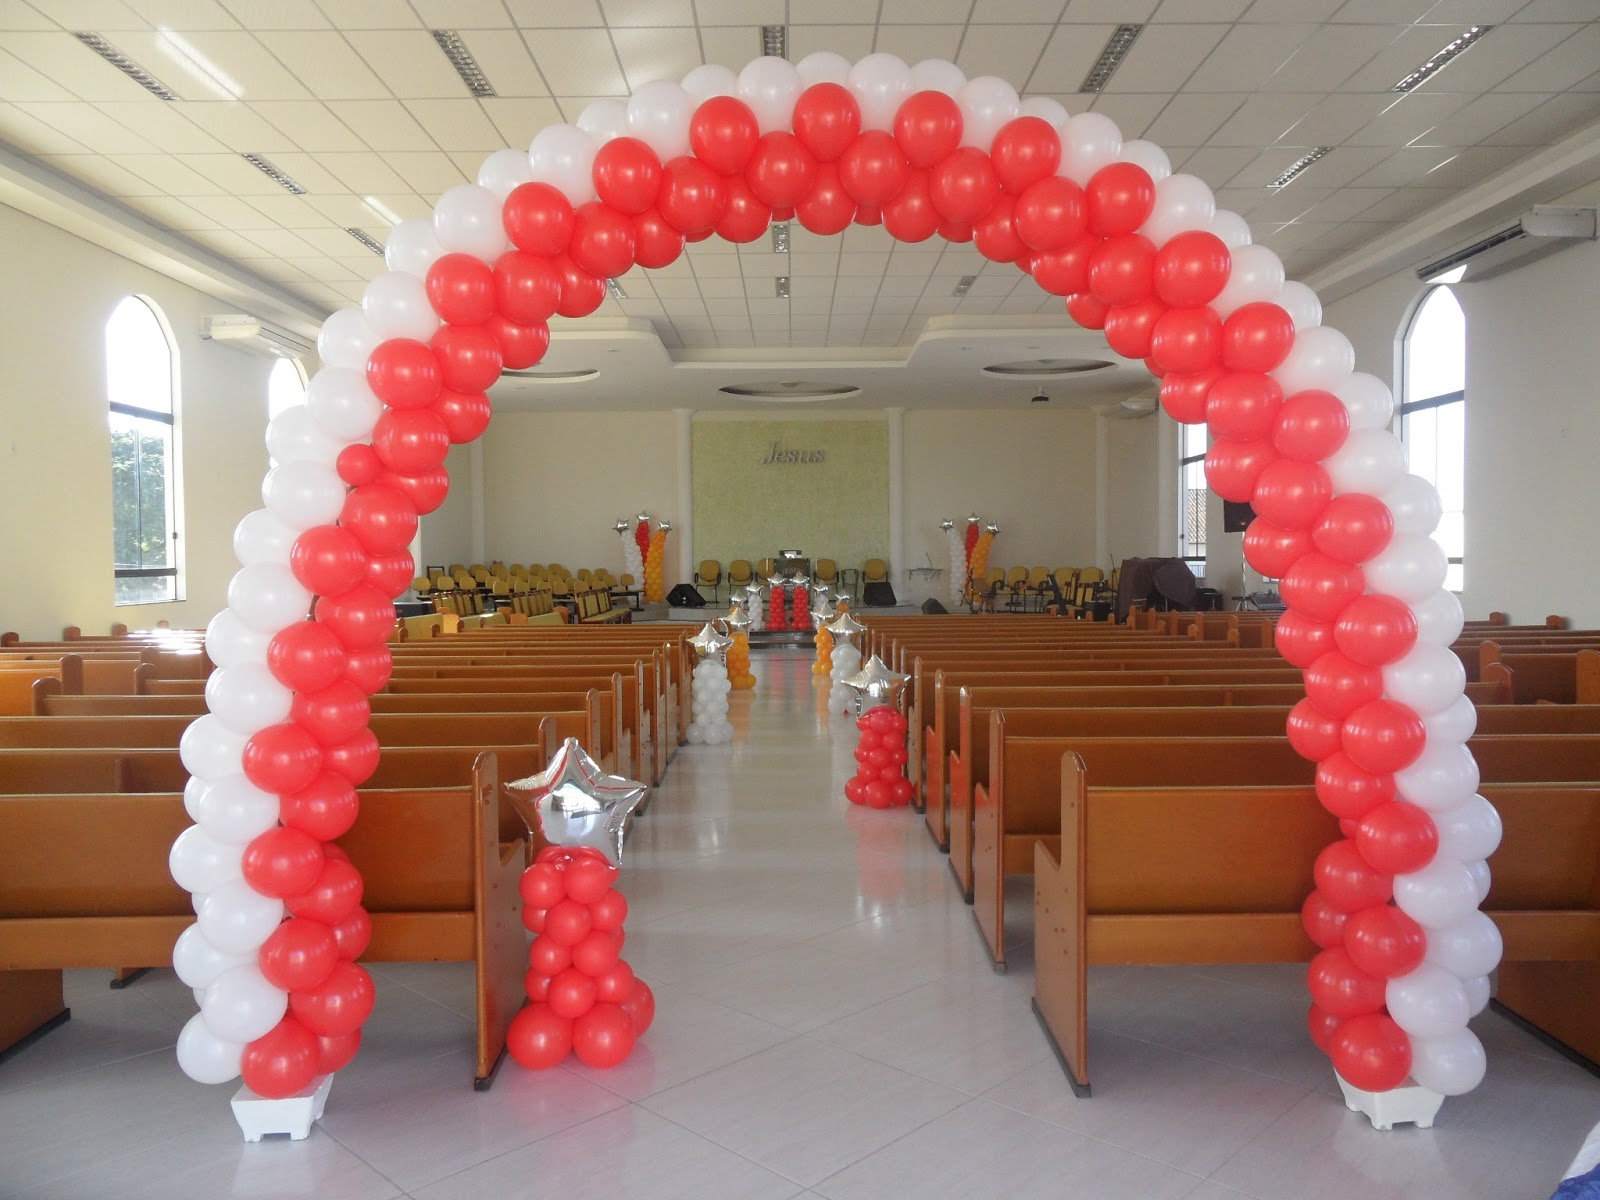 Bete Kids Decoraç u00e3o com Balões Igreja Congresso Infantil -> Decoração De Igreja Evangelica Para Congresso Infantil